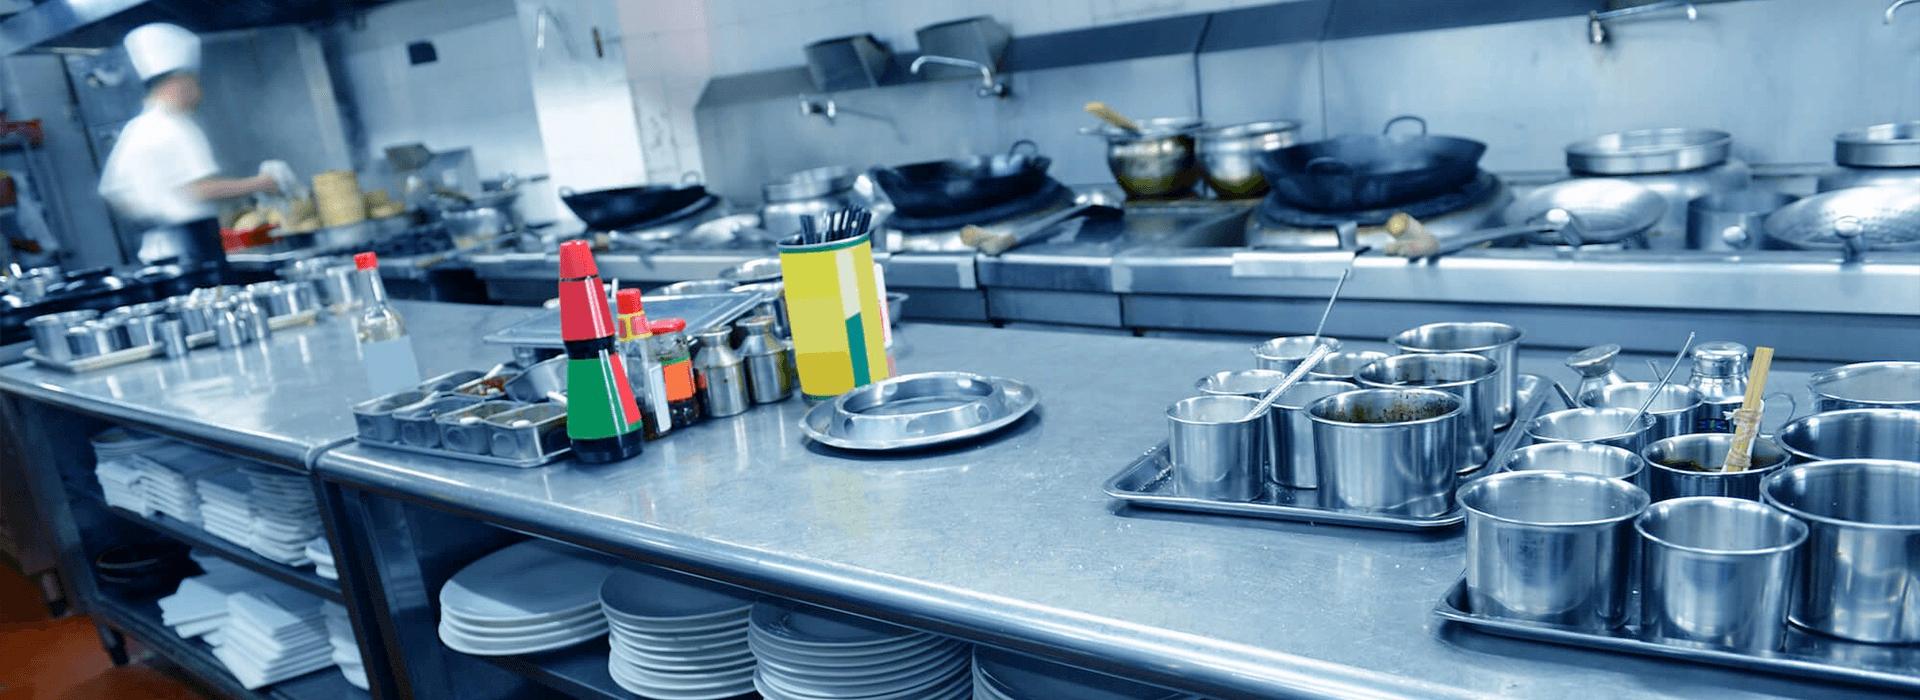 Accruent - Industries - Restaurant & Food Service - Hero